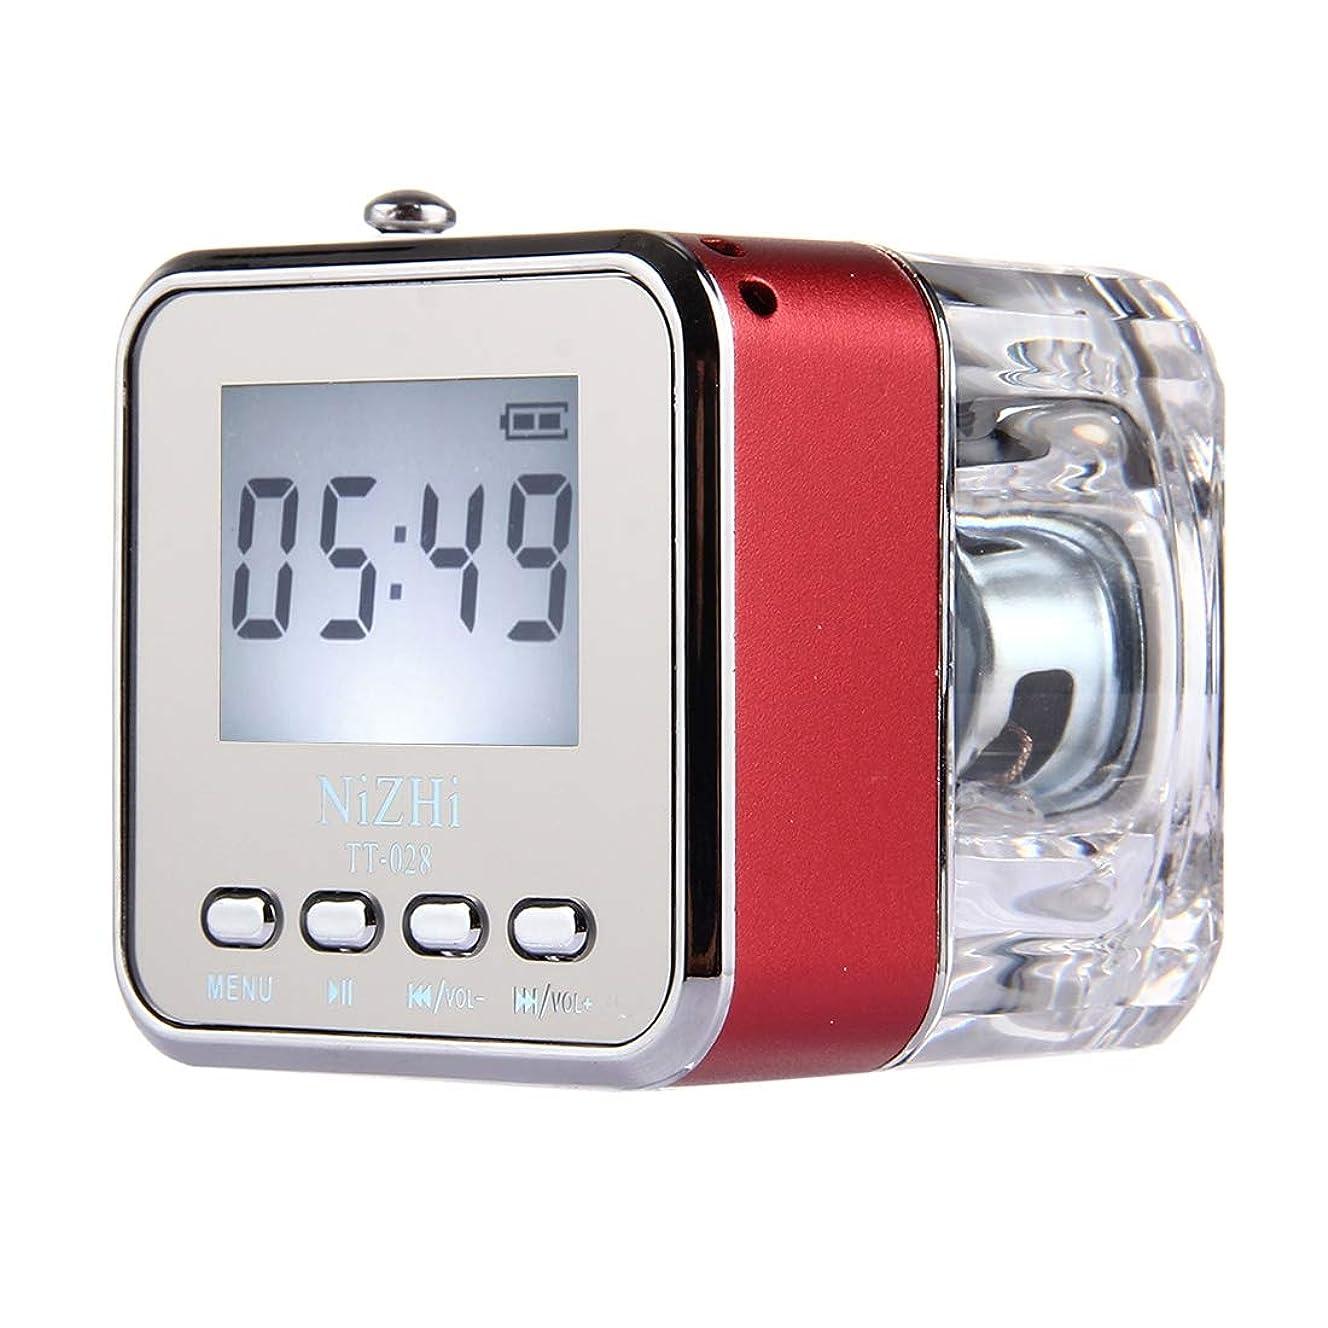 神社特権的含めるBluetoothワイヤレススピーカー 液晶ディスプレイとカラーライト、サポートTFカード&Uディスク&AUXラインイン&アウト&FM機能 Bluetoothワイヤレススピーカー (色 : Red)